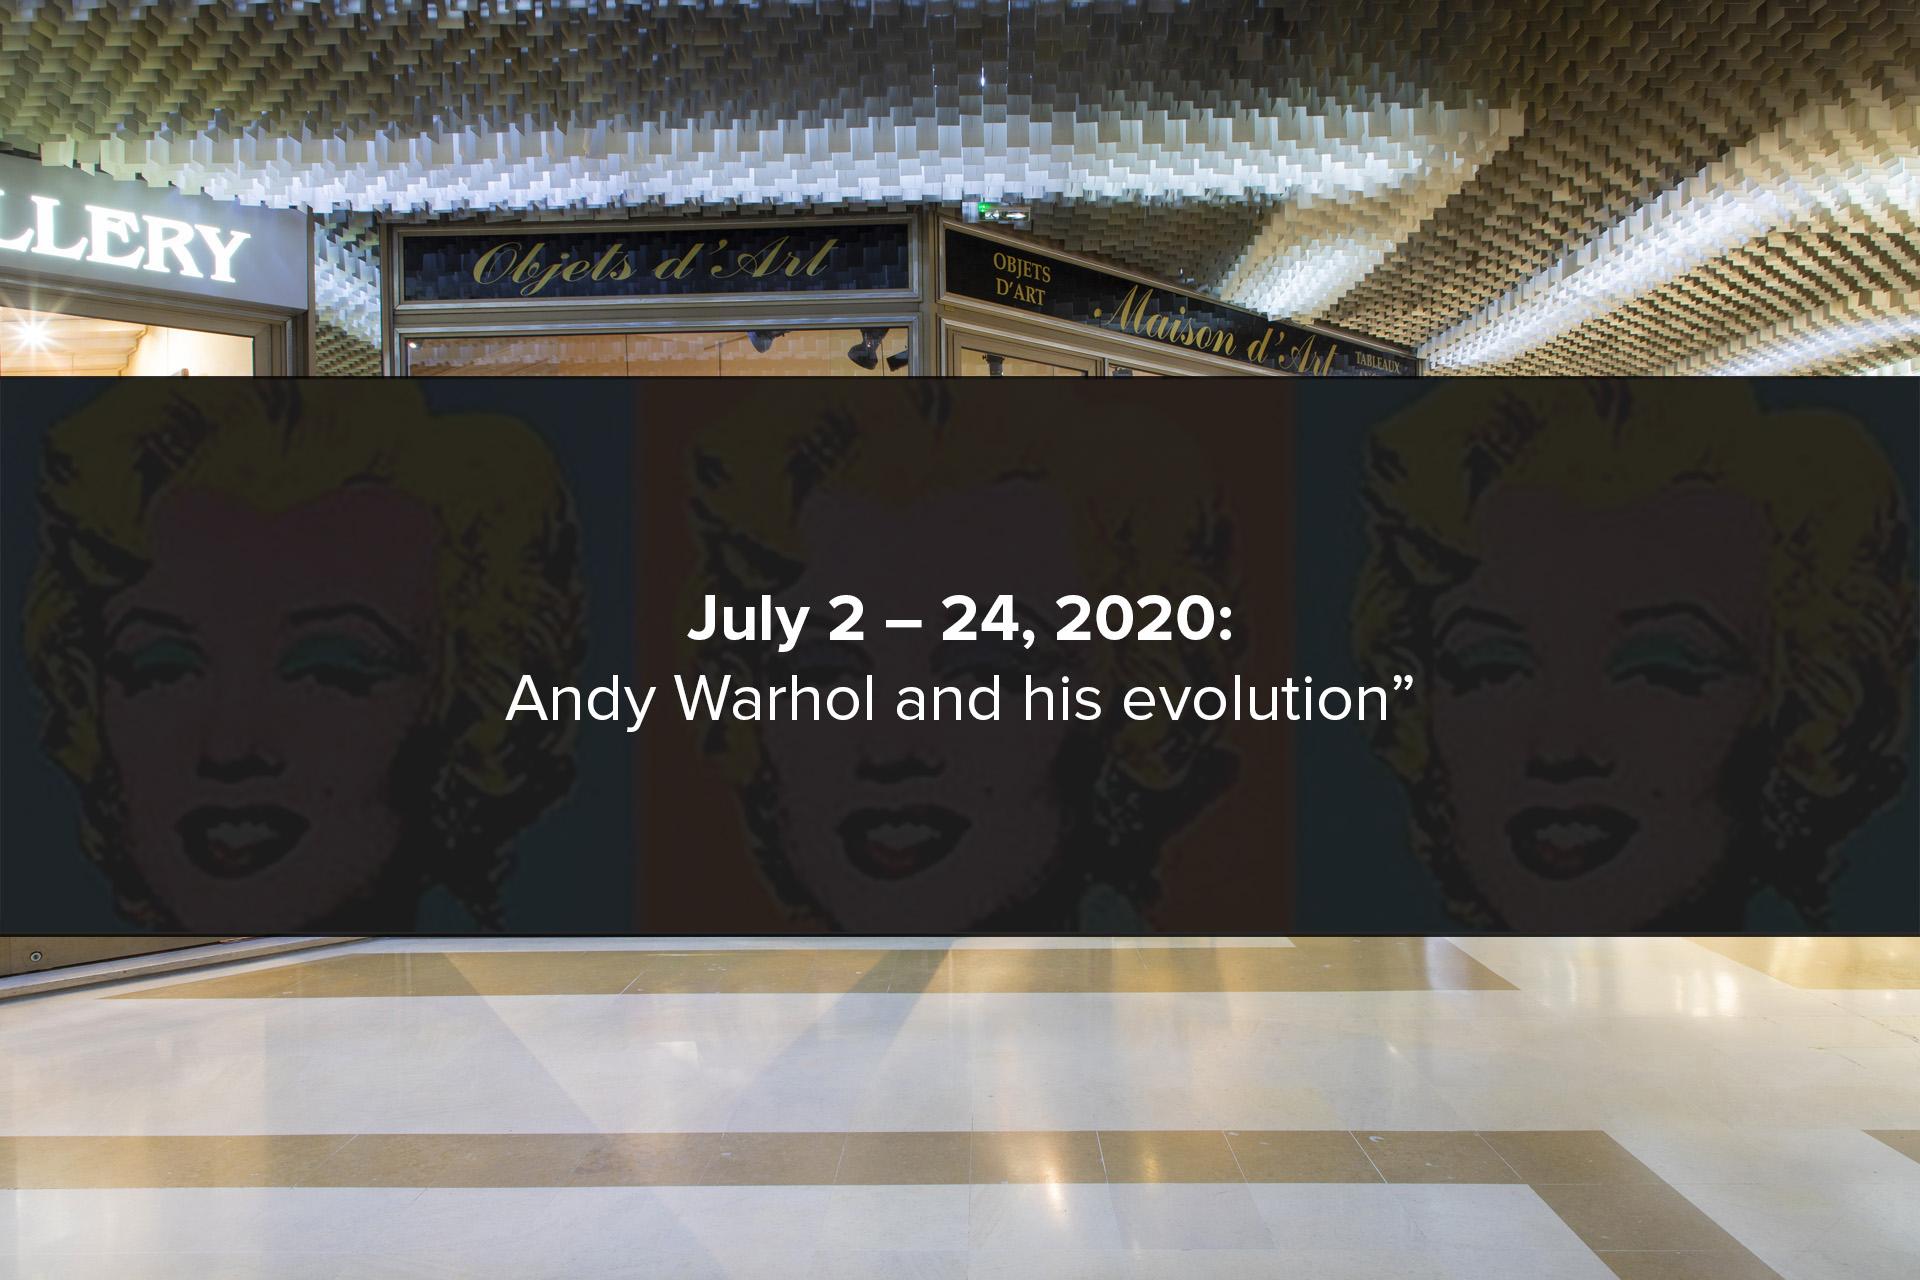 July 2 – 24, 2020: